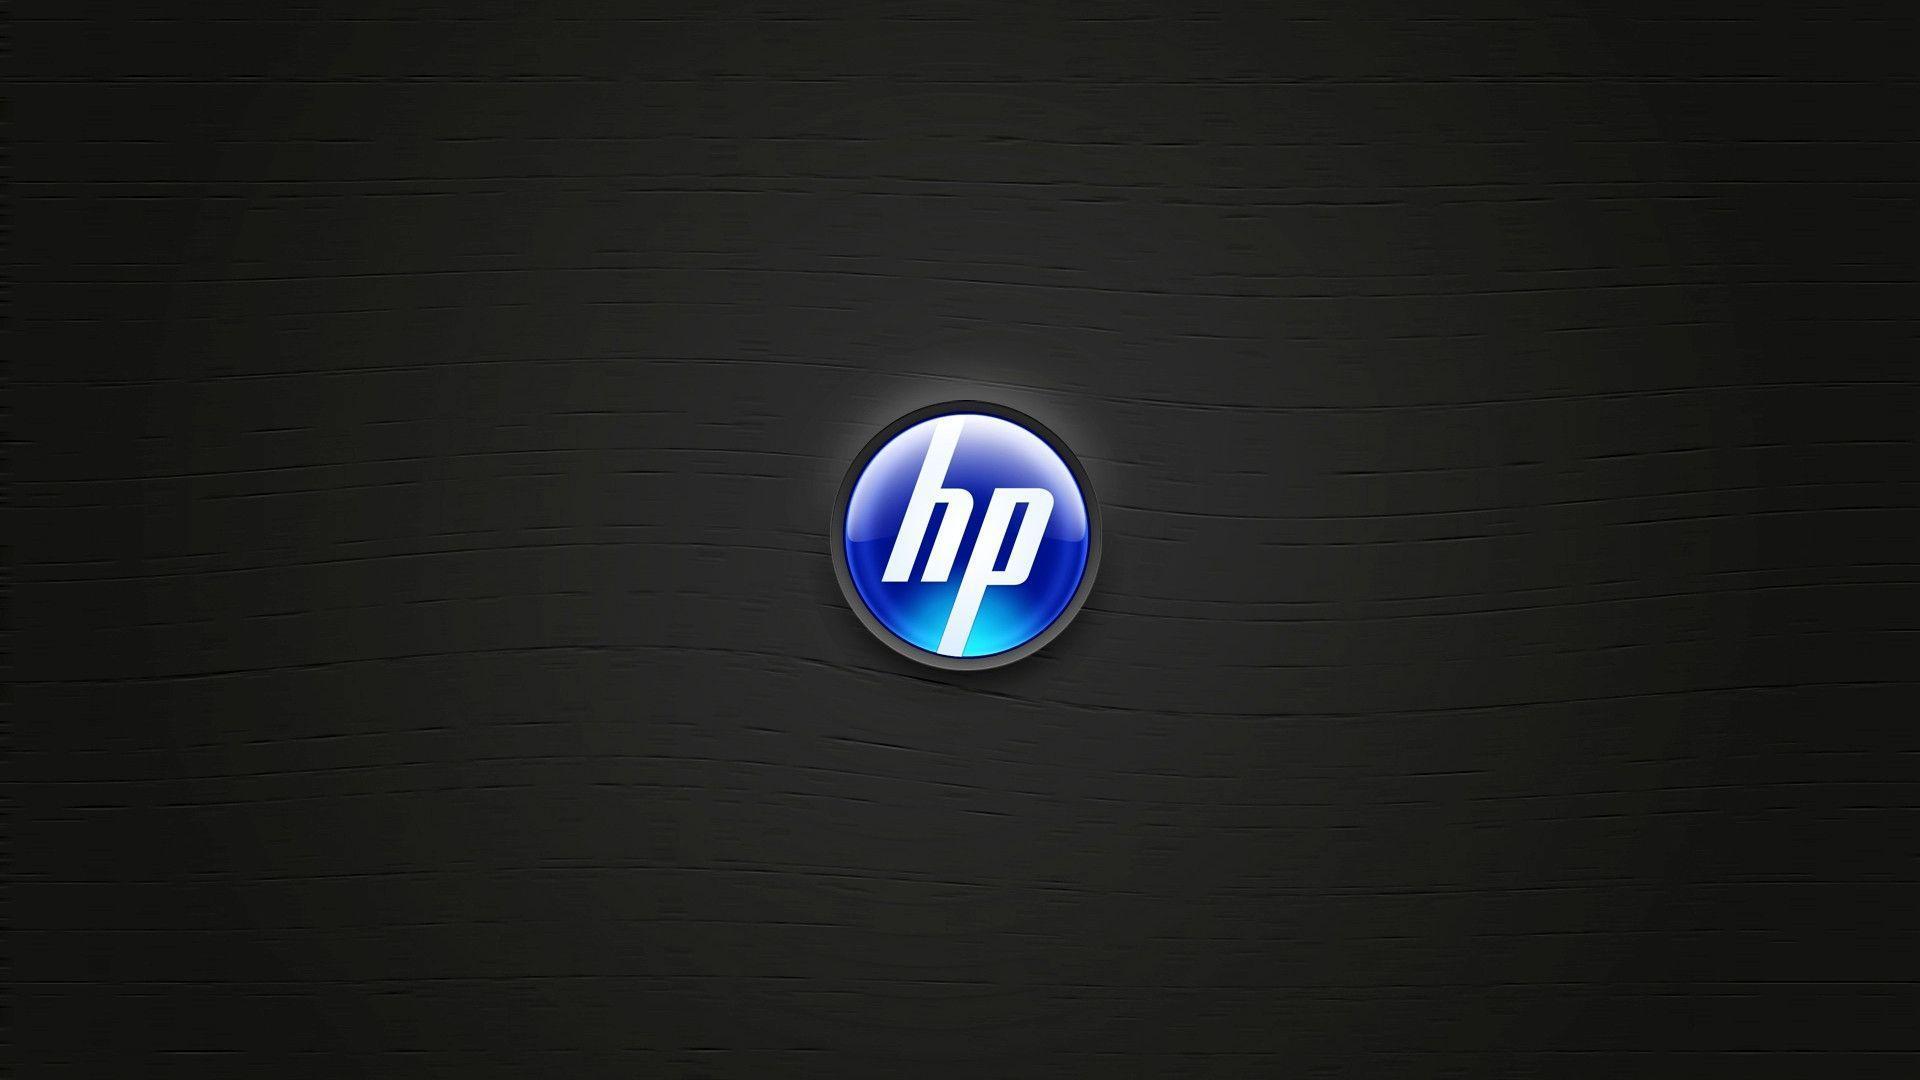 Hp 3D Backgrounds, wallpaper, Hp 3D Backgrounds hd wallpaper ...